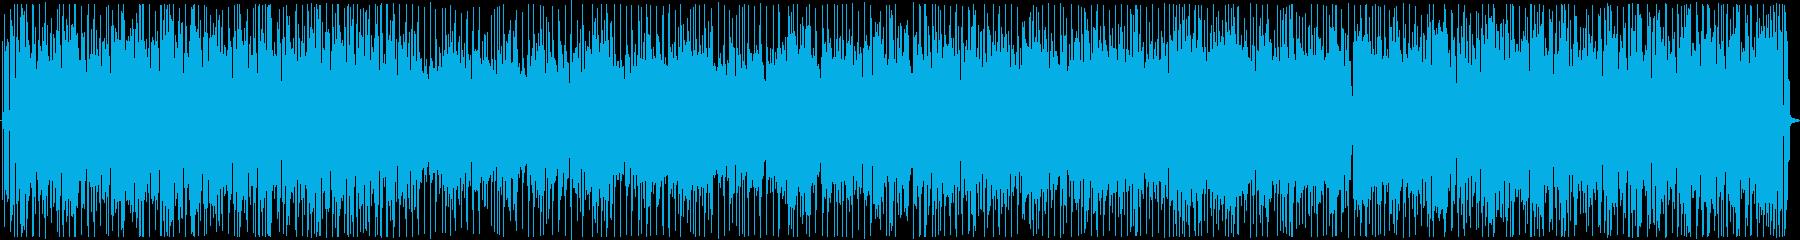 ジャズ アクション 技術的な 楽し...の再生済みの波形